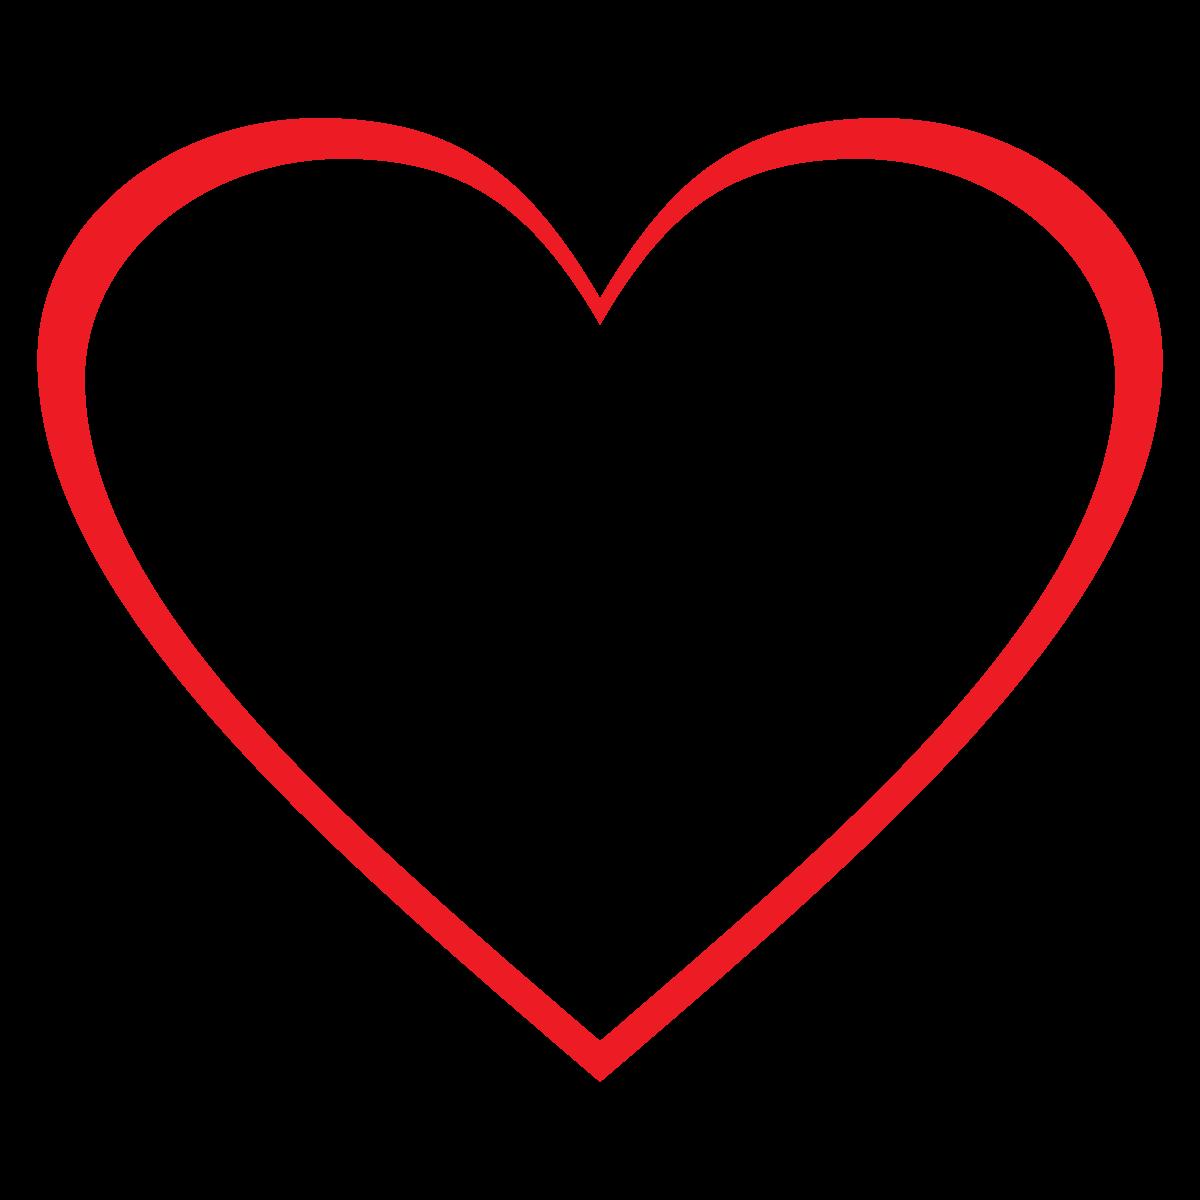 Heart Clip Art Wallpaper Heart Clipart Image 9 21607